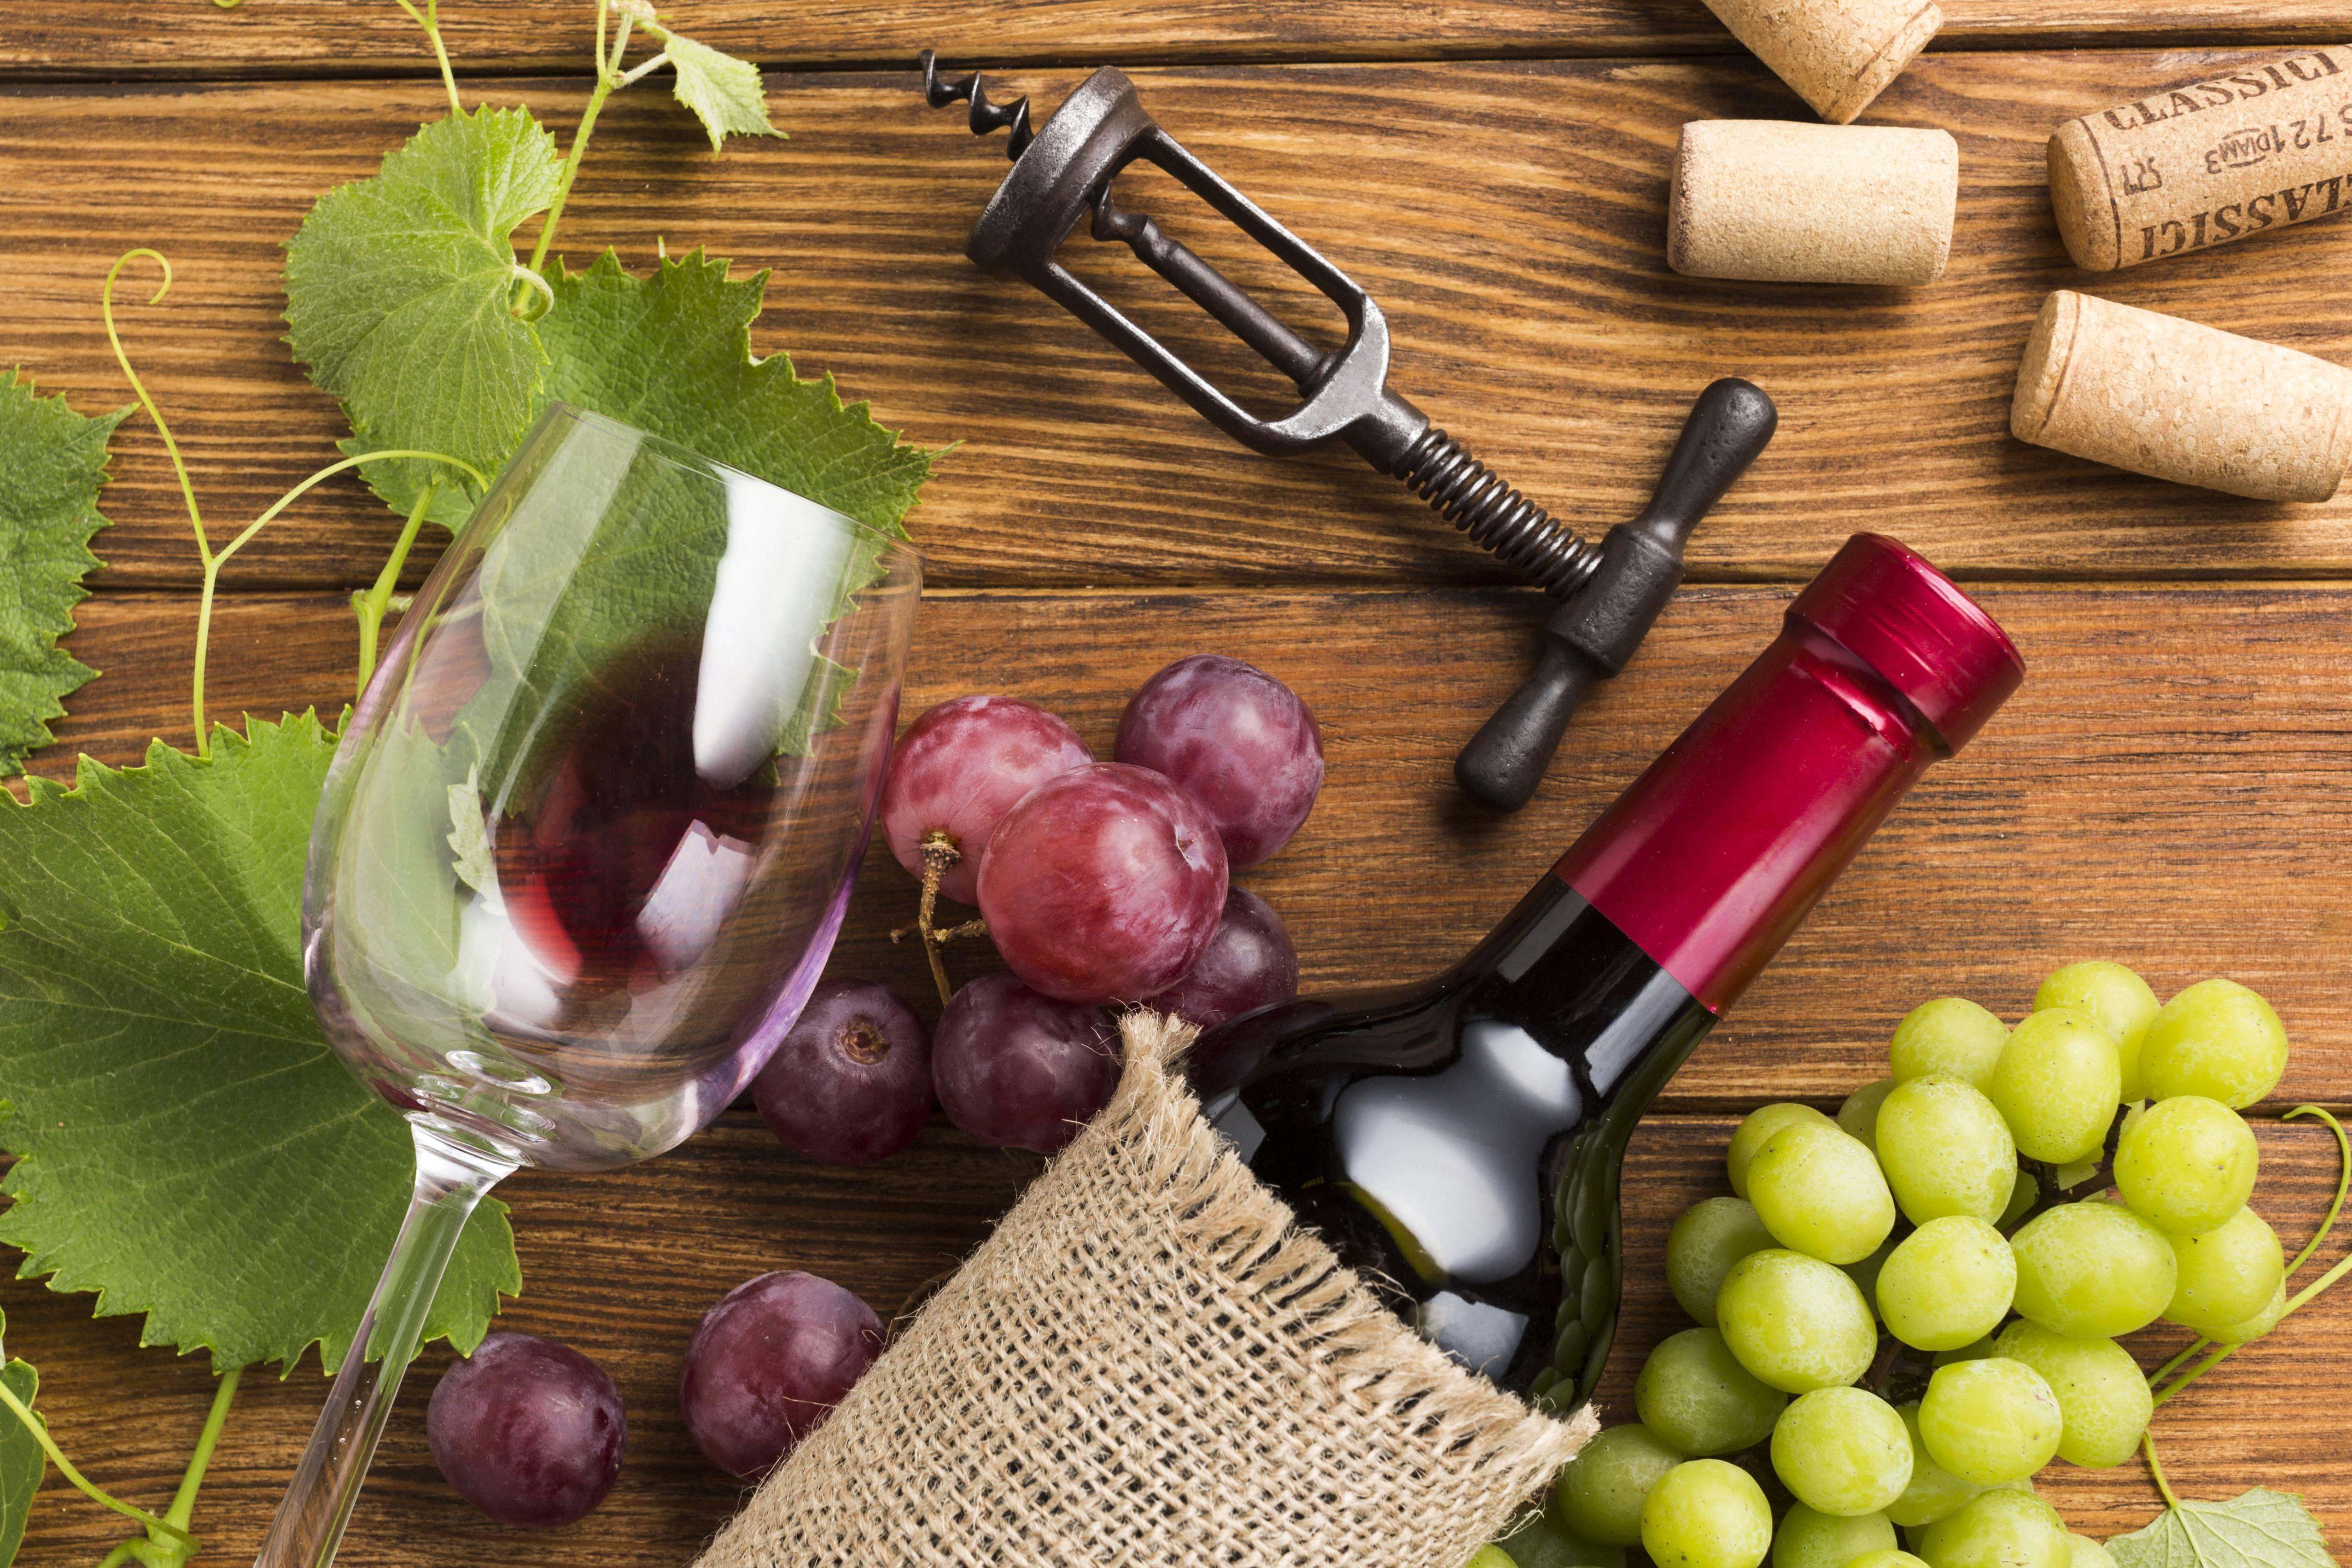 Вино из тыквы: как сделать в домашних условиях, 6 простых пошаговых рецептов